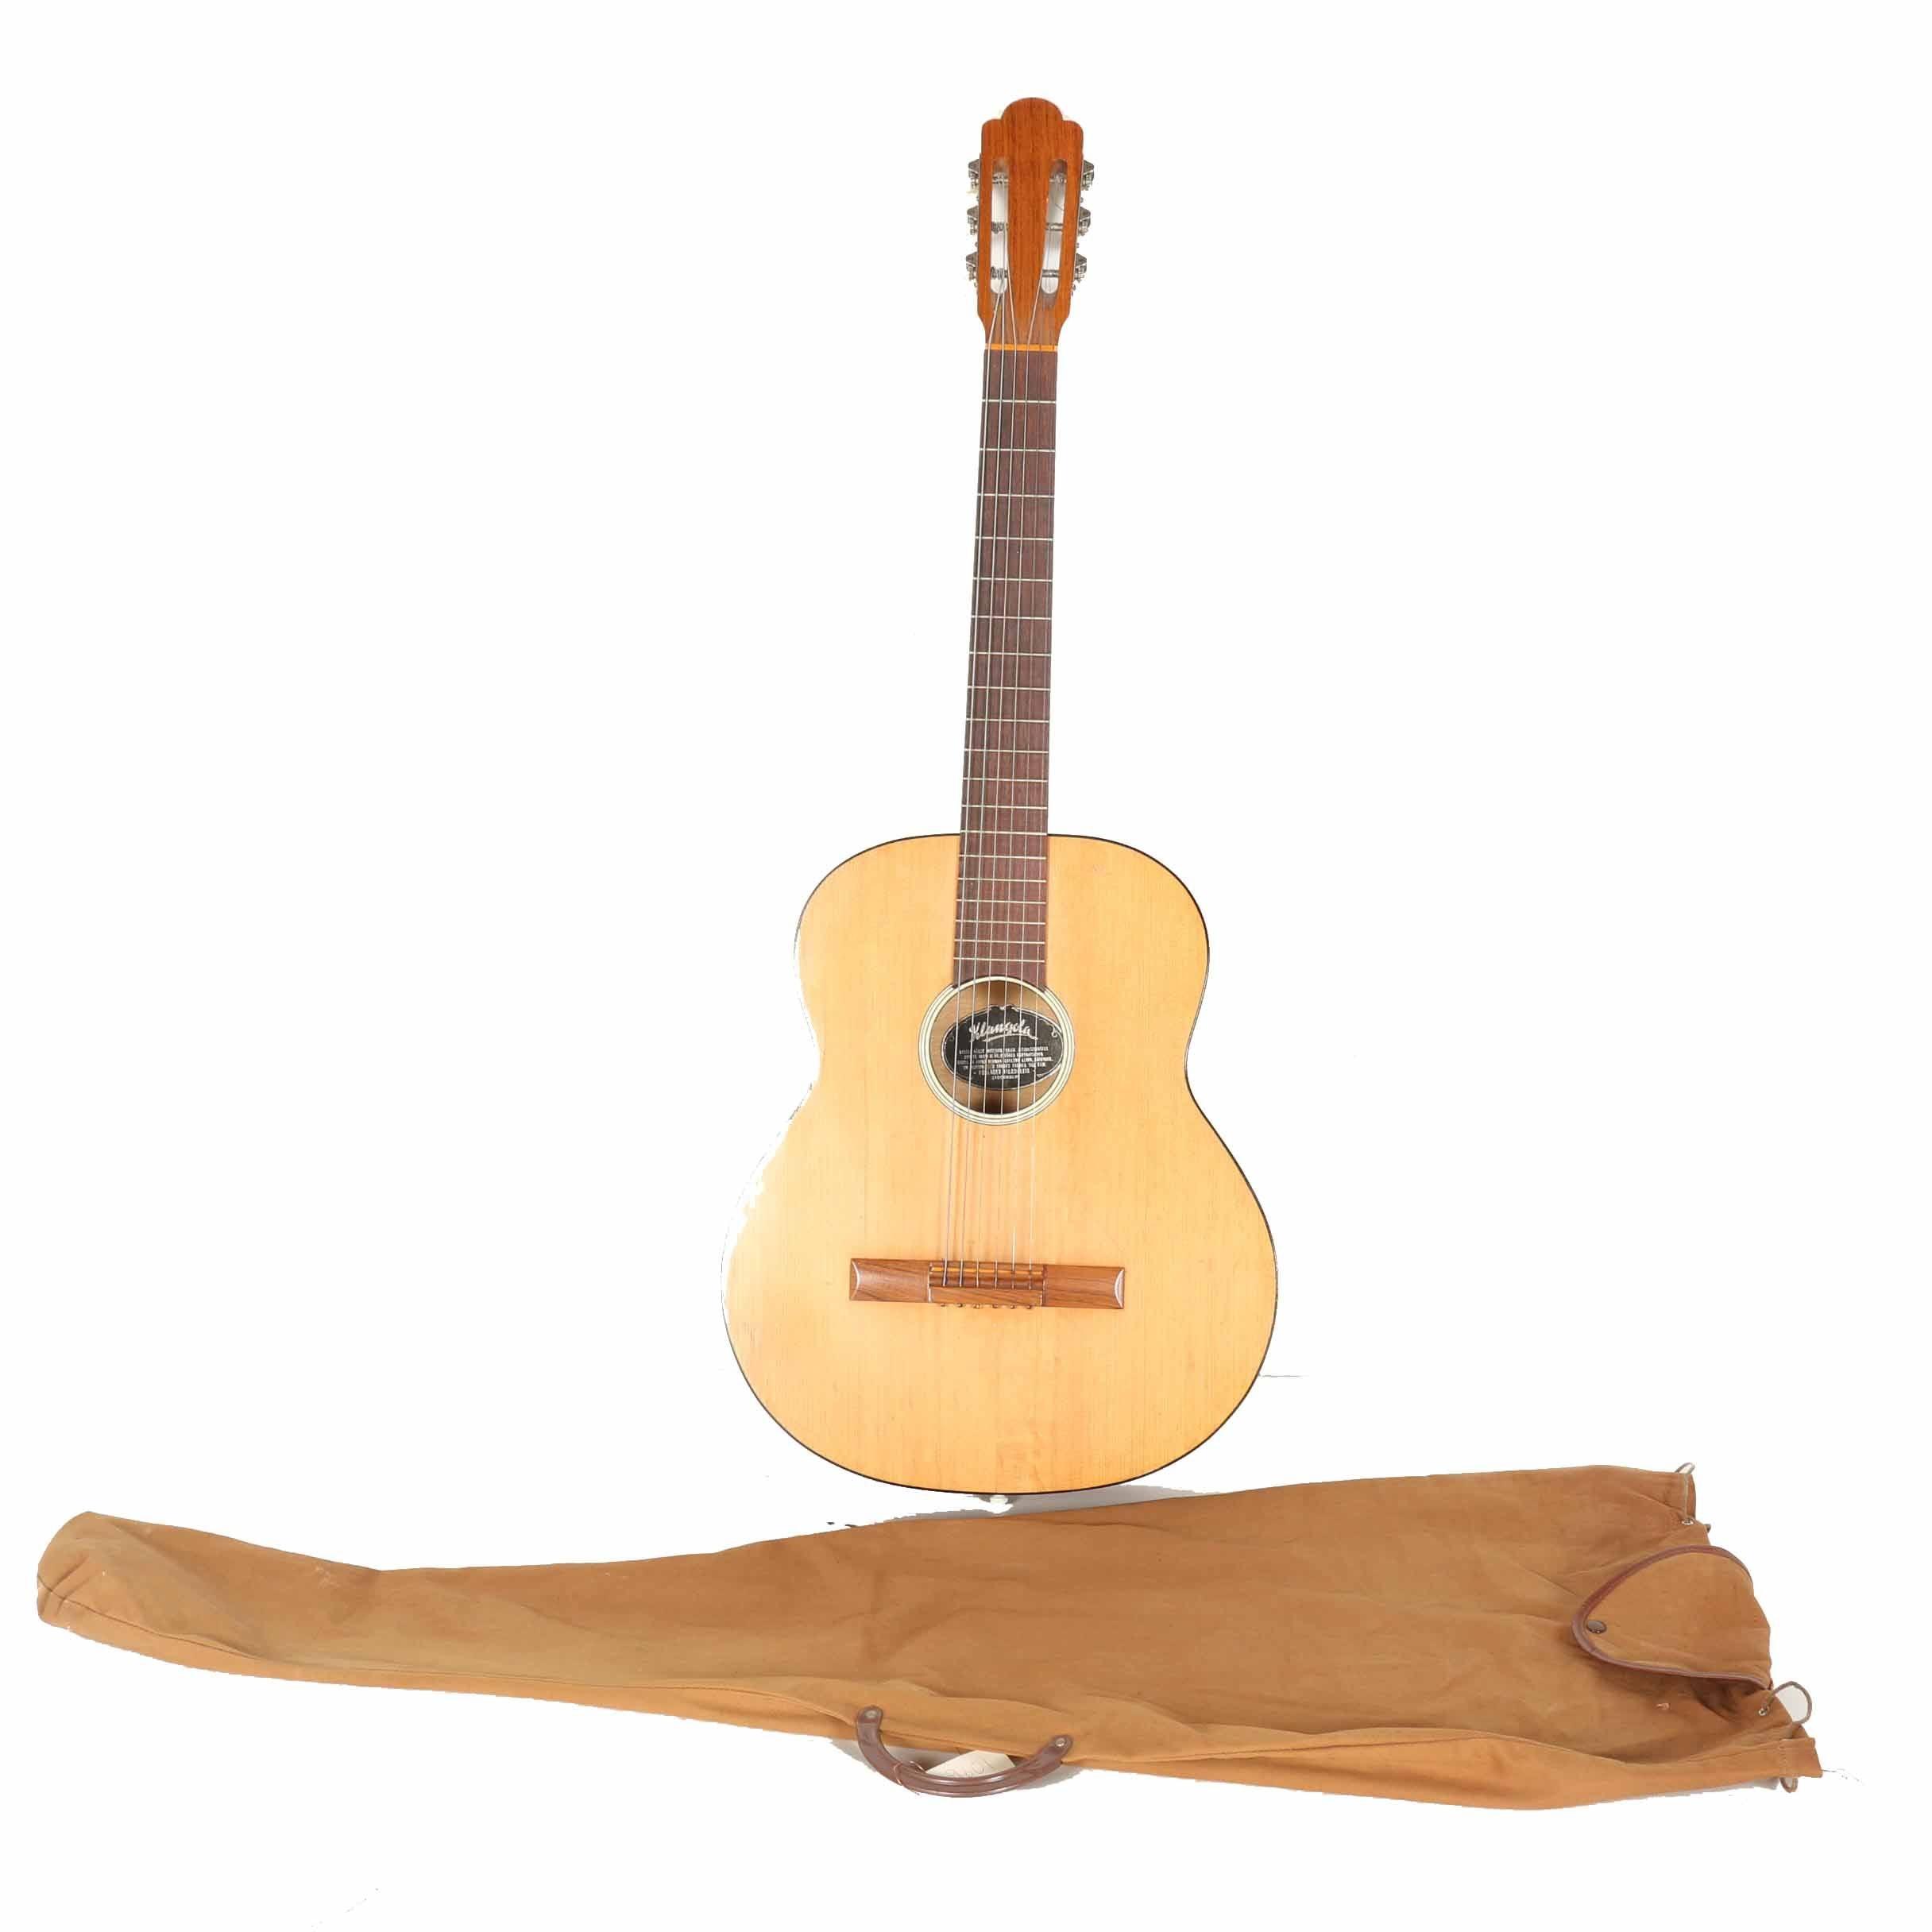 Vintage Klangola Classical Style Guitar